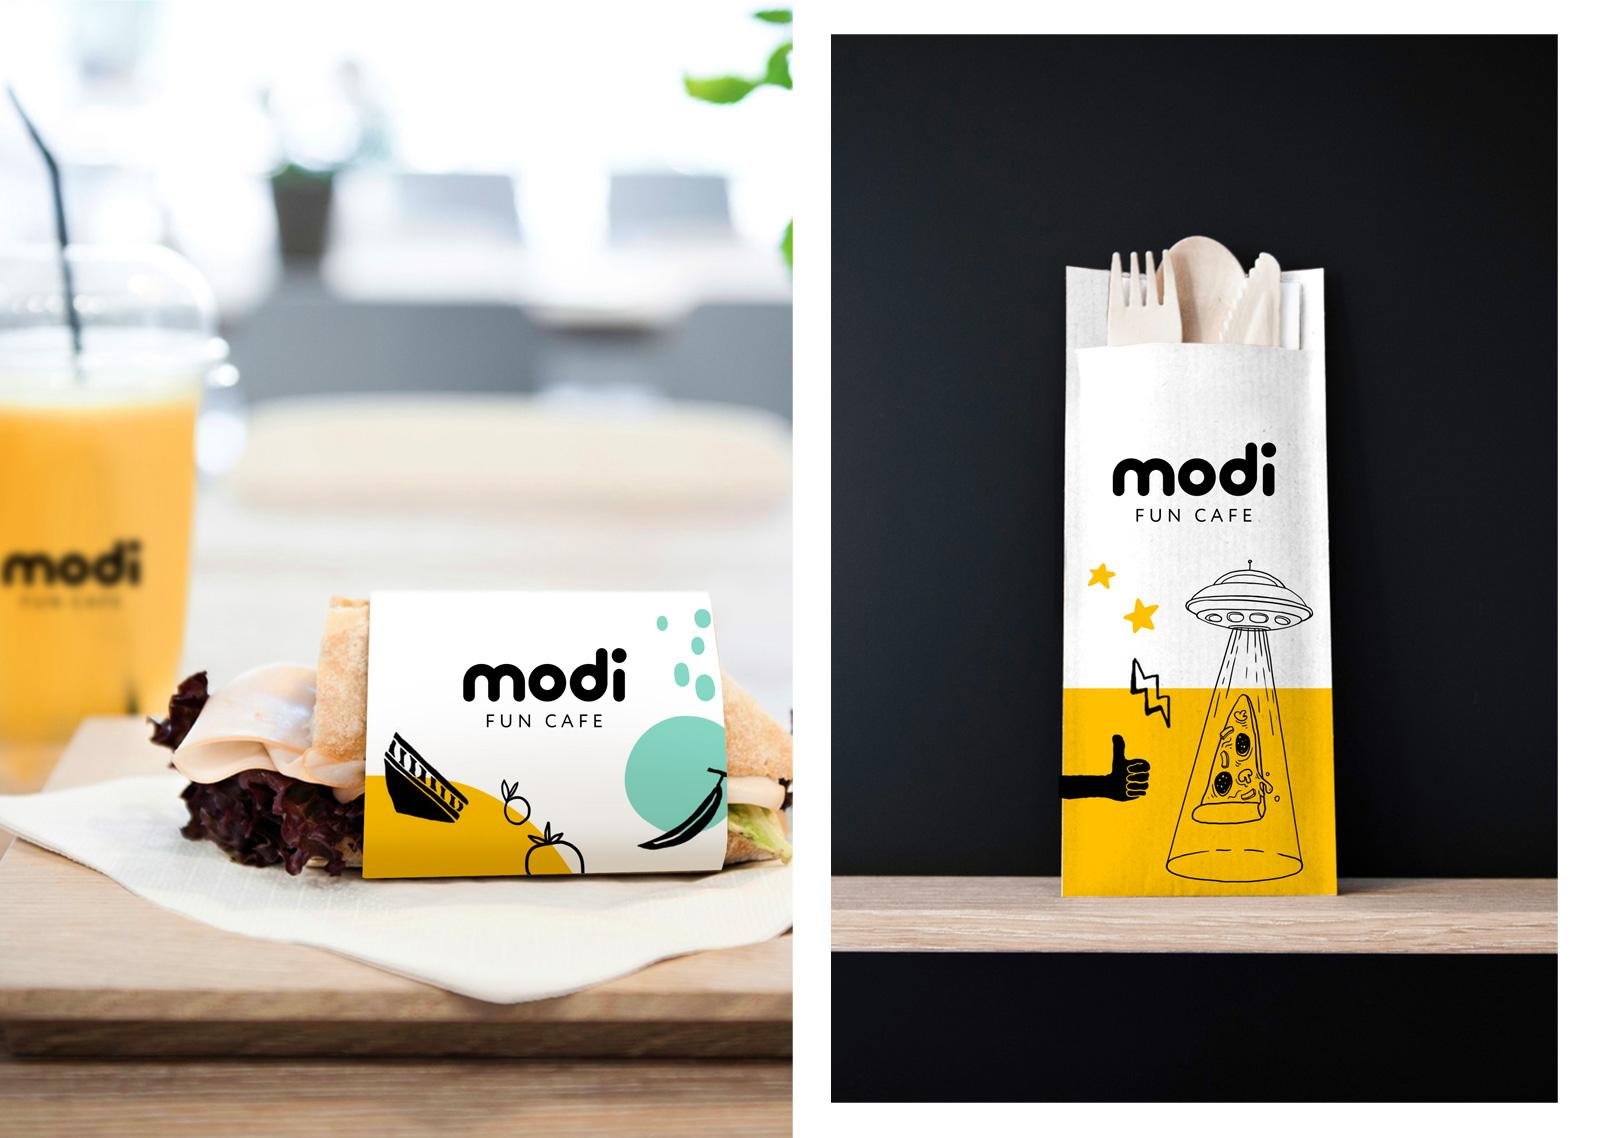 Дизайн упаковки продукции на вынос —неотъемлемая составляющая фирменного стиля бренда, а также концепции дизайна кафе Modi